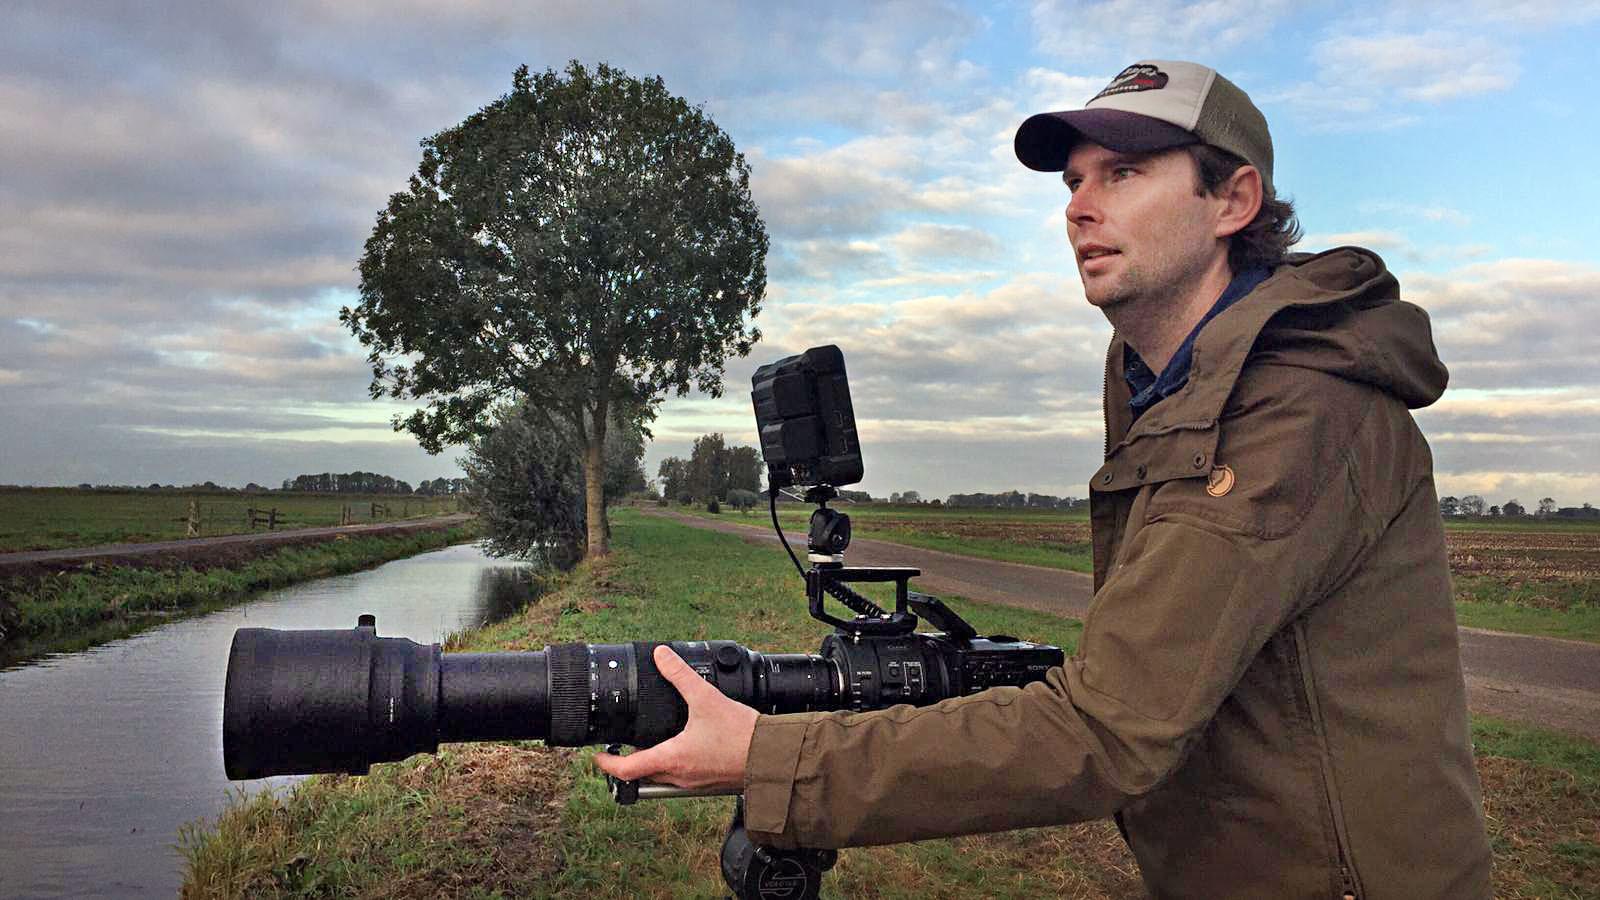 De filmmaker in actie tijdens zijn werkzaamheden in de natuur.